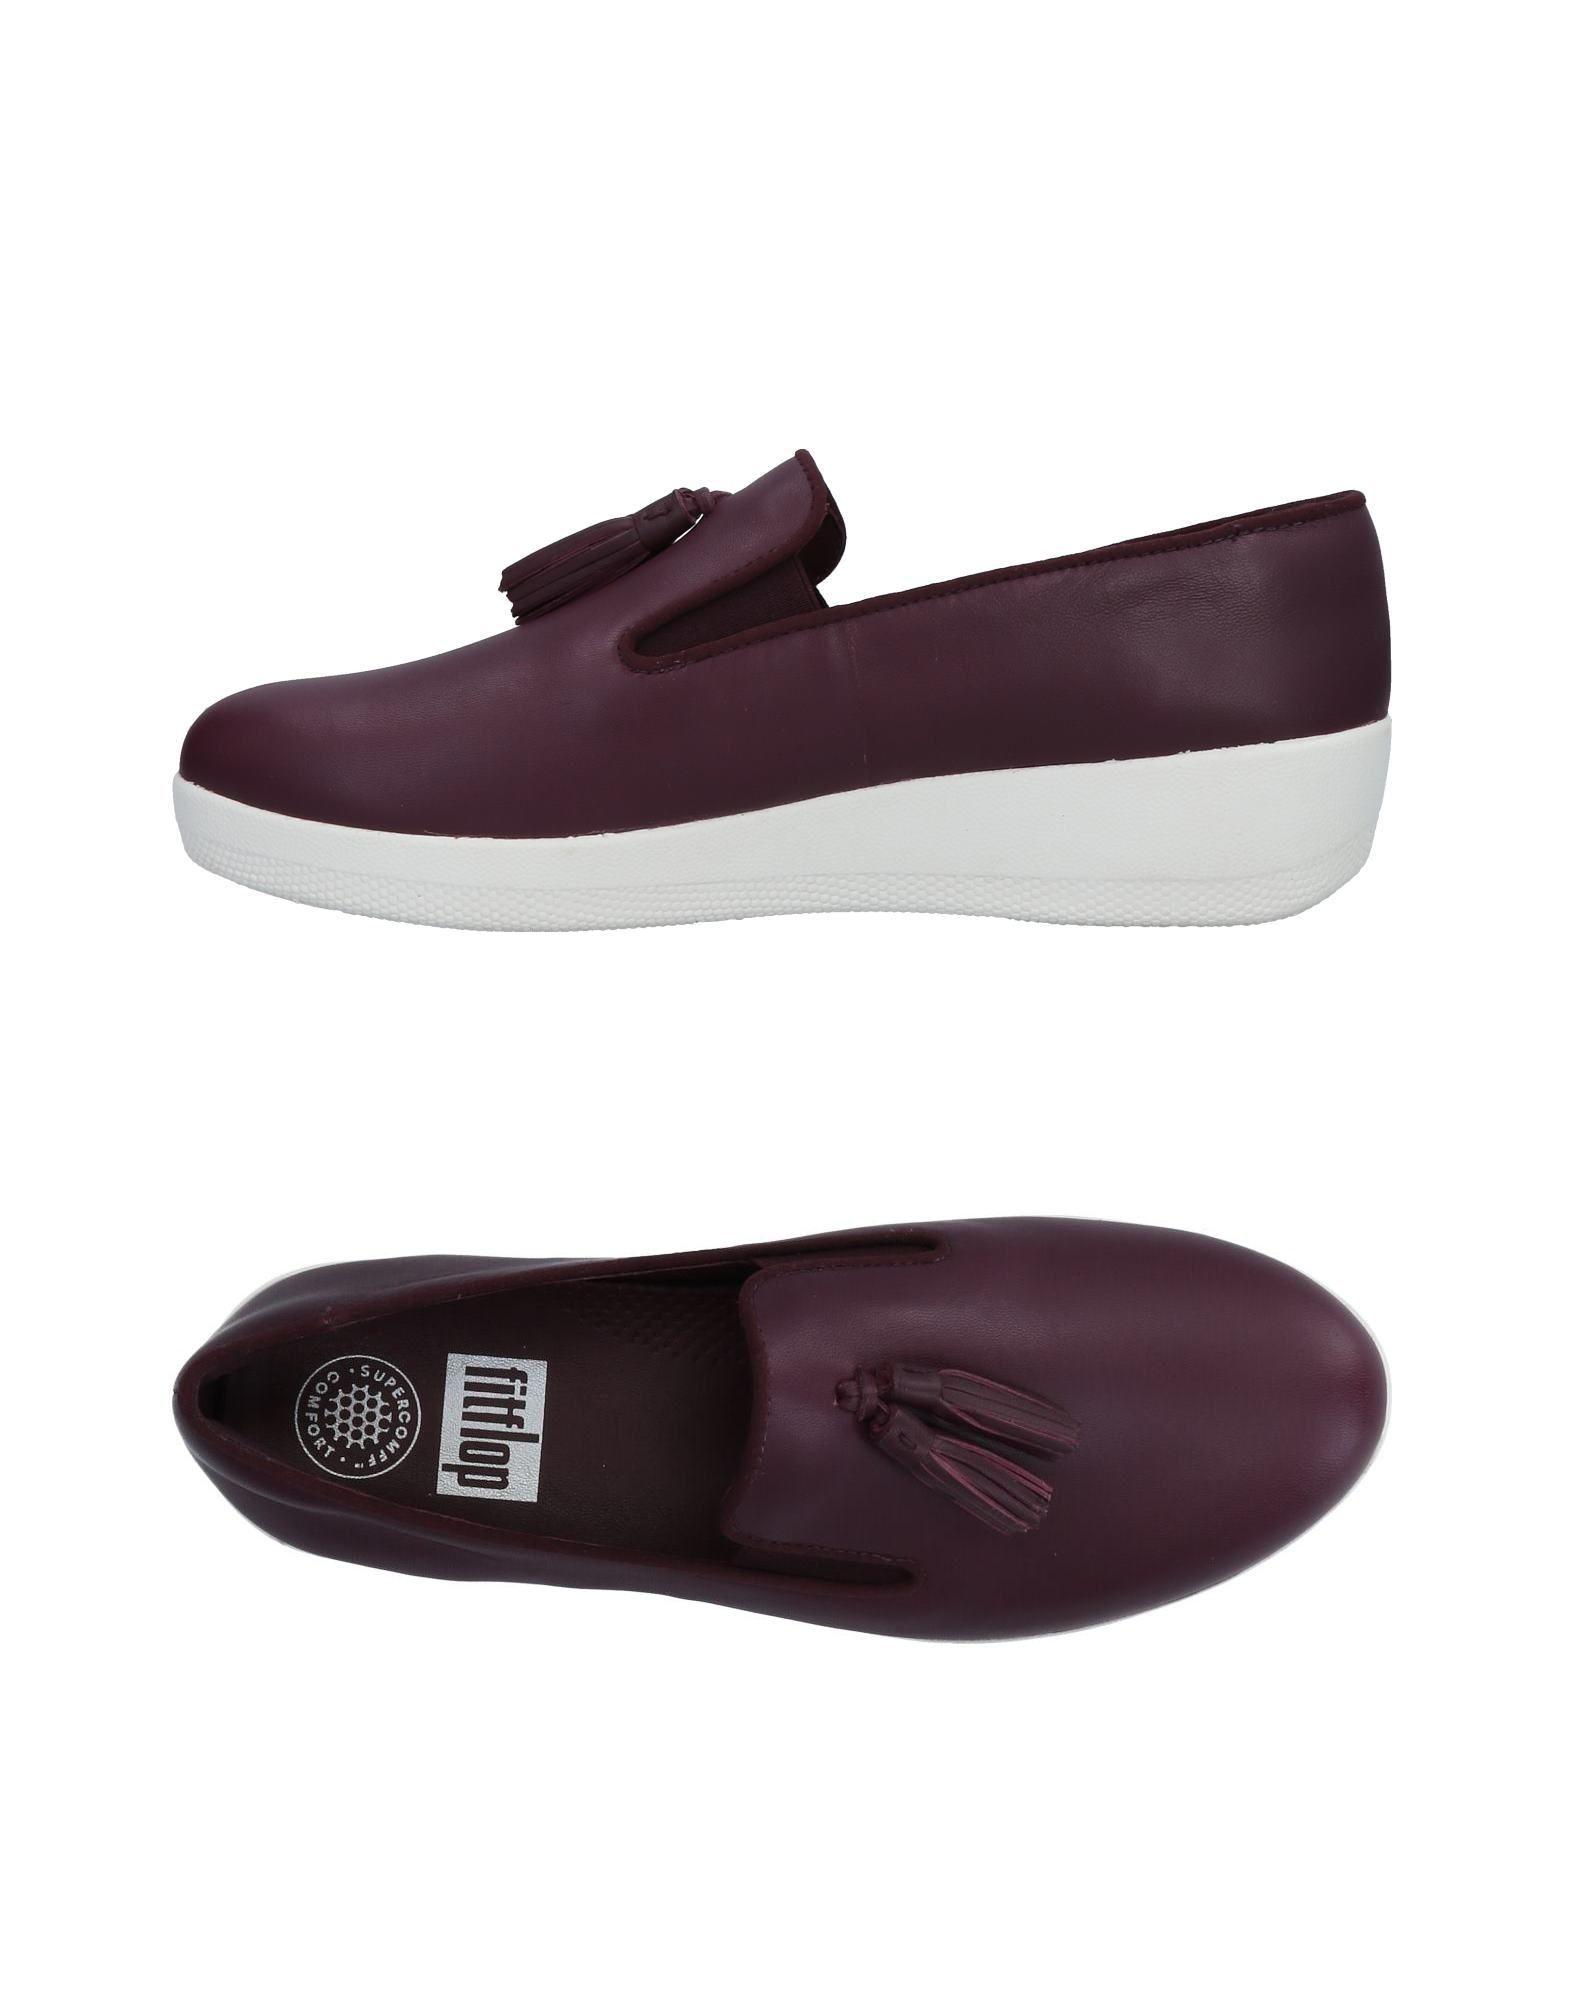 Fitflop Mokassins Damen  11474552SG Gute Qualität beliebte Schuhe